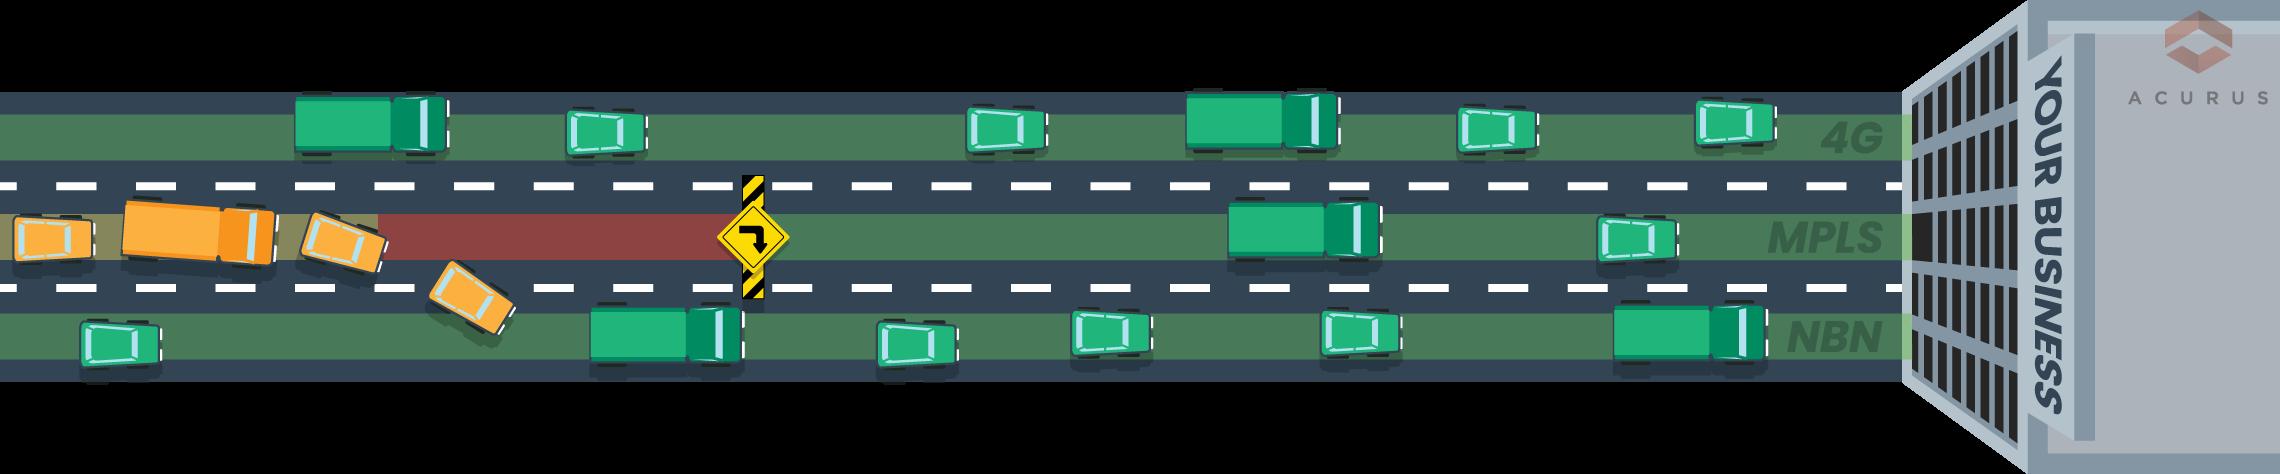 sdwan multi lane